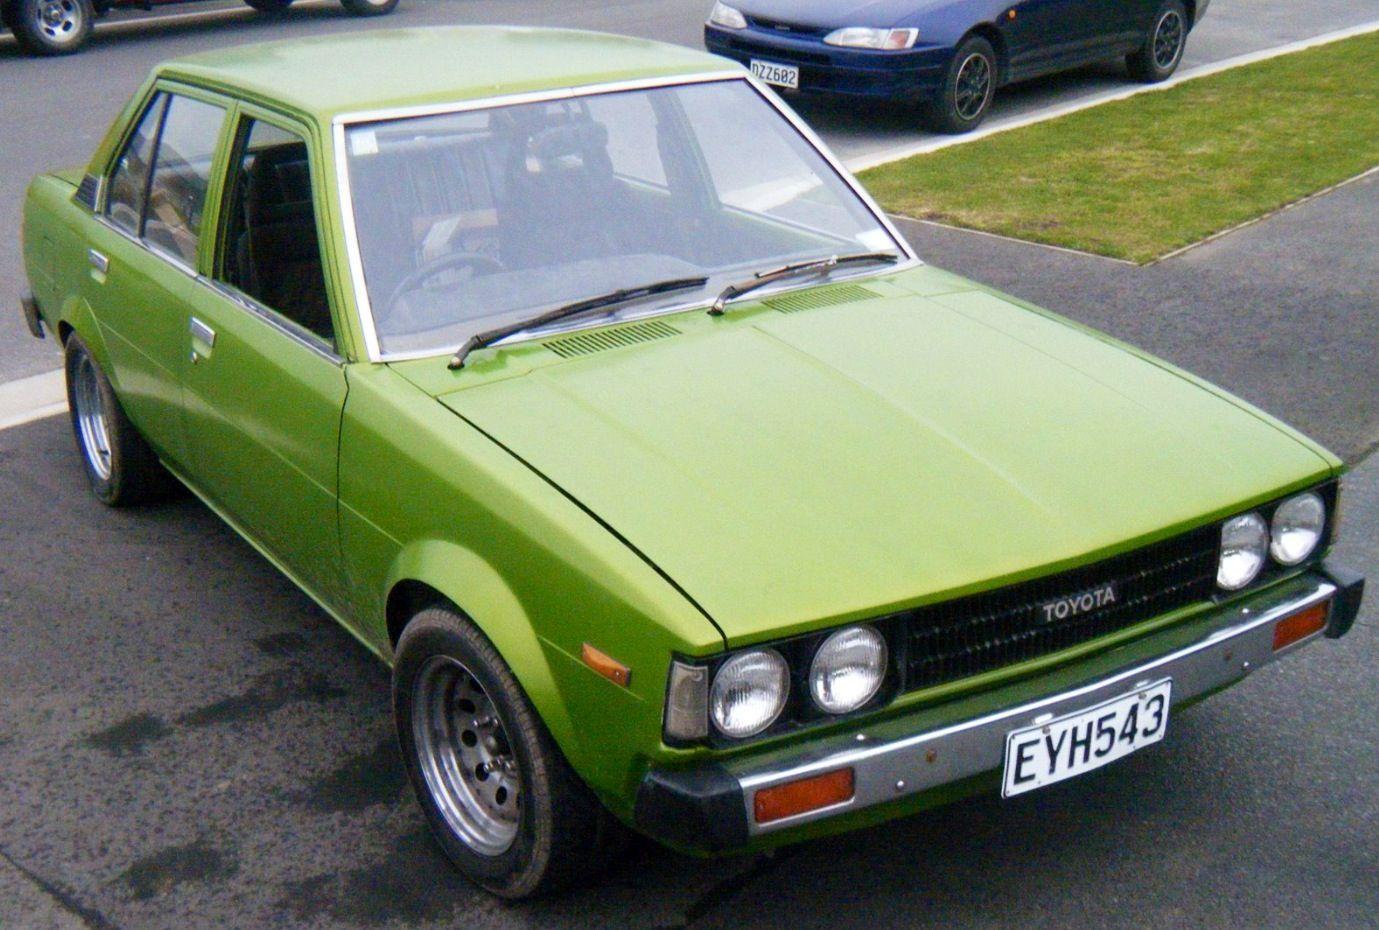 Kelebihan Toyota Corolla 1980 Murah Berkualitas